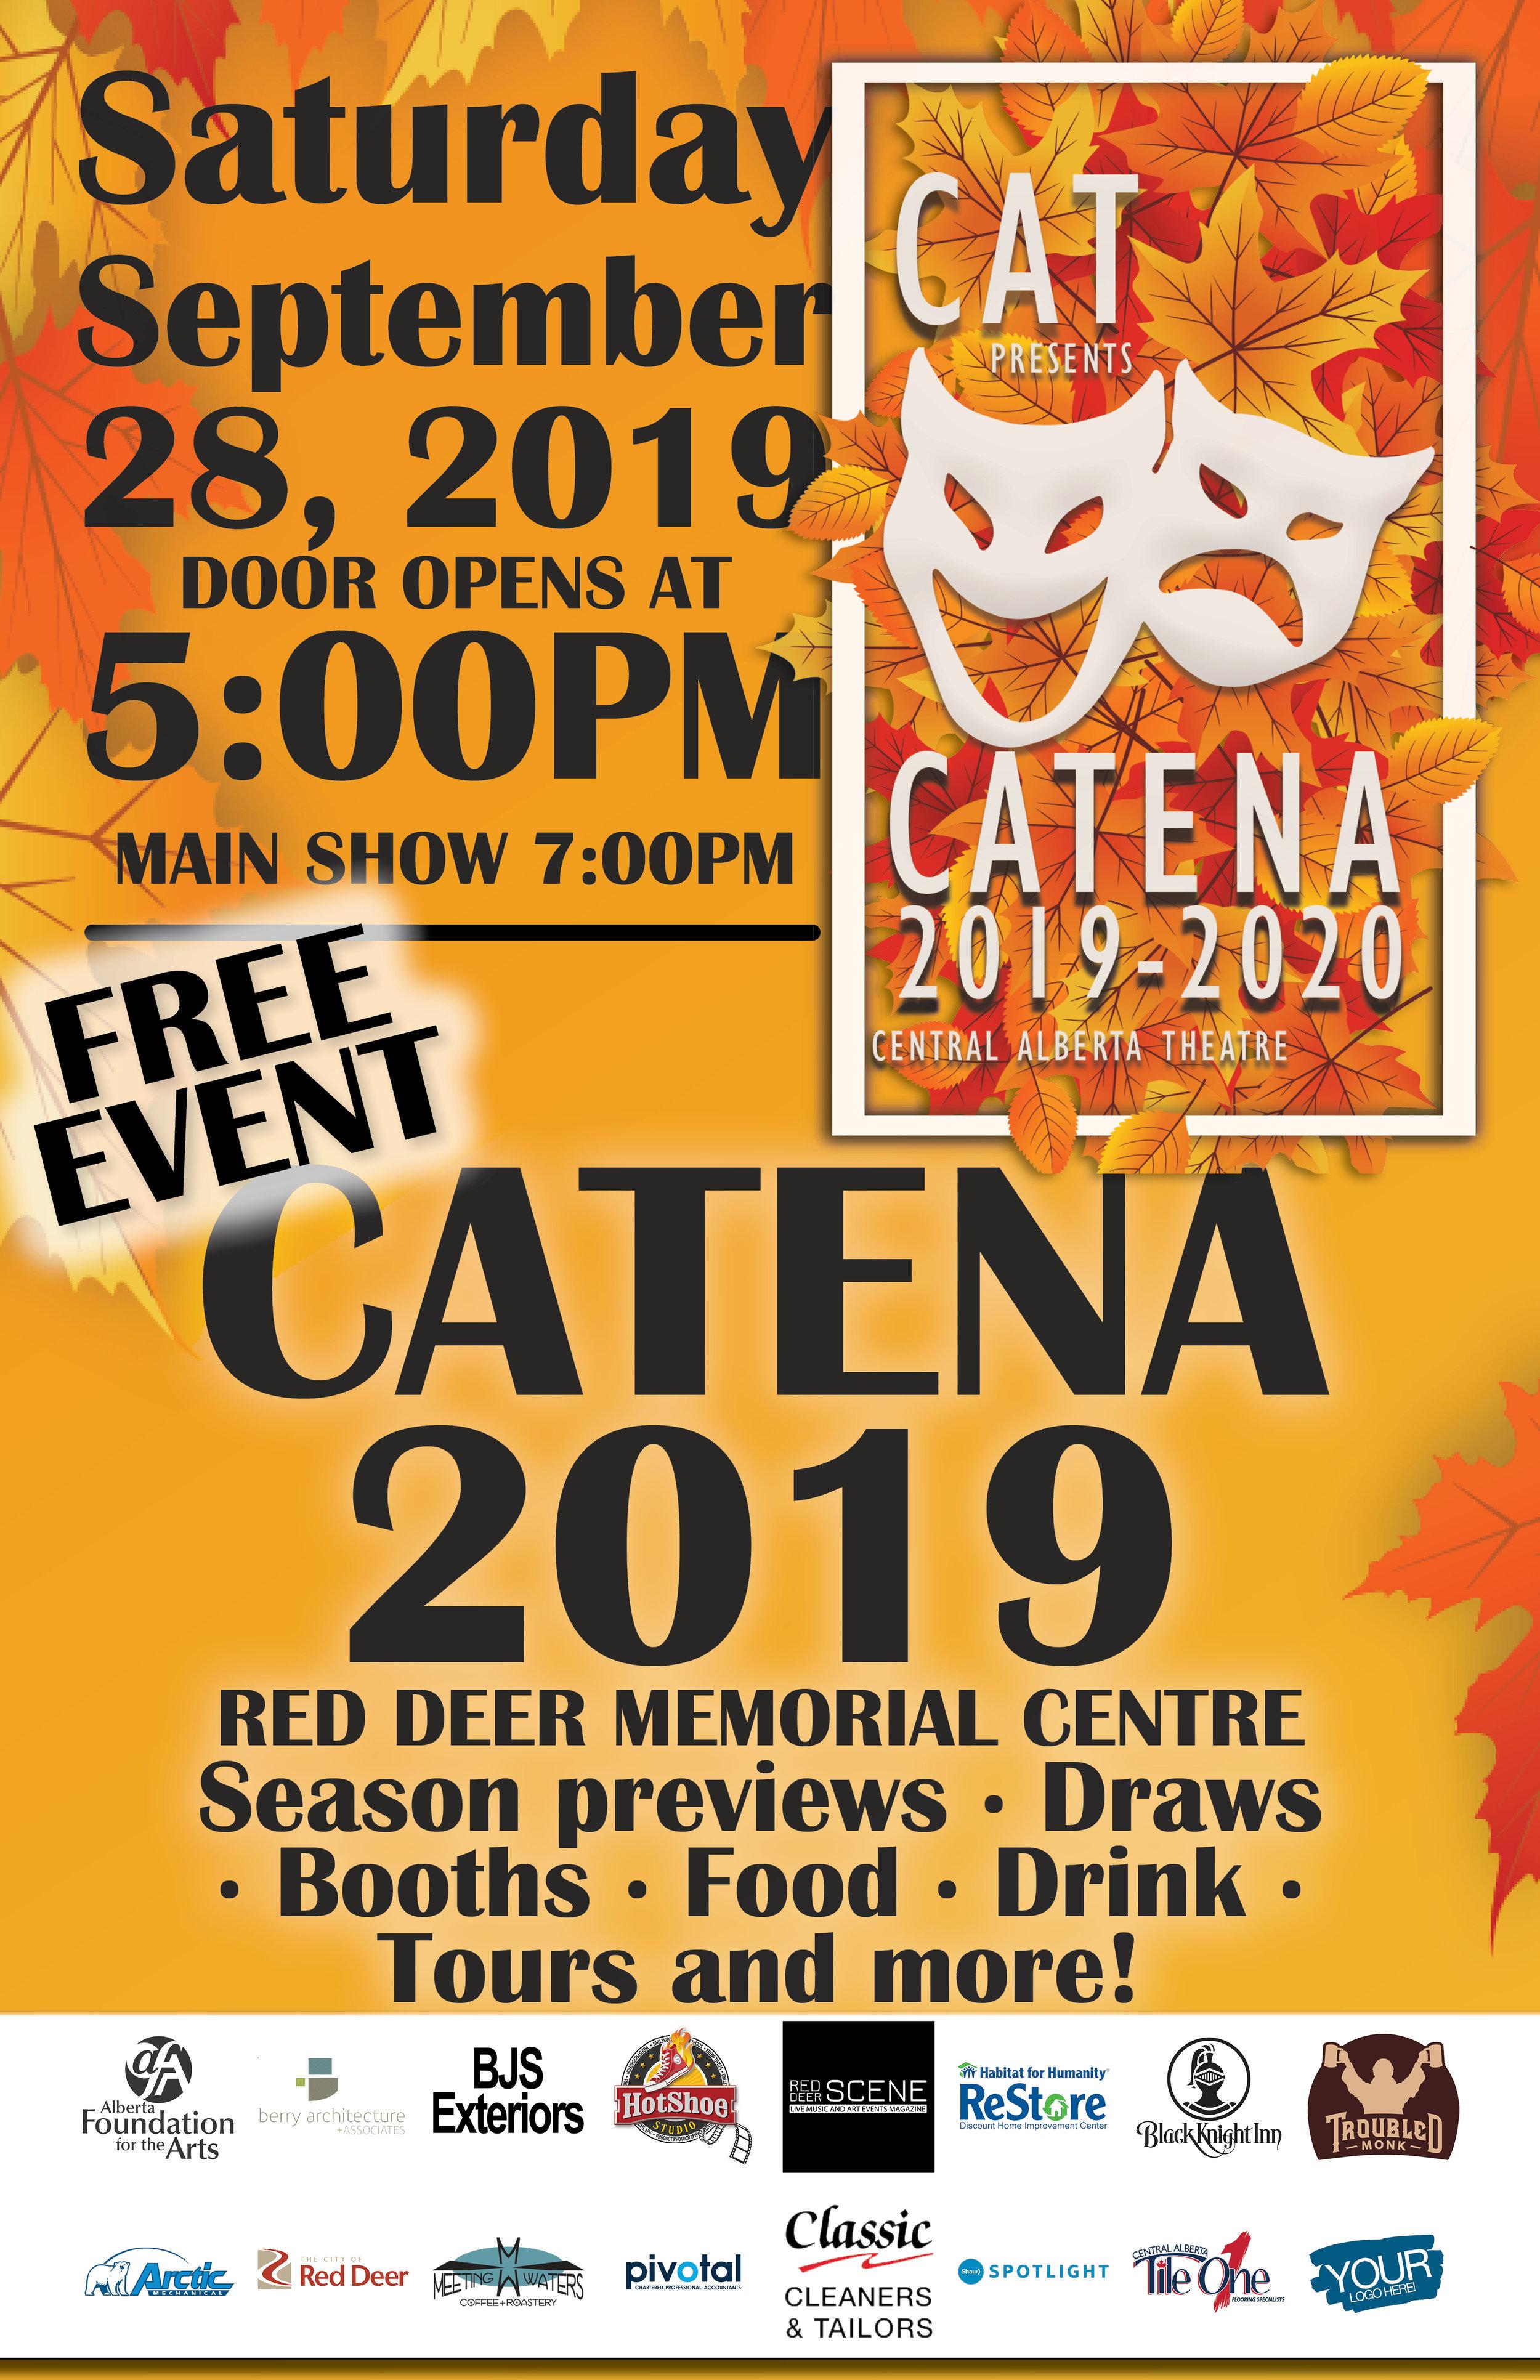 CATENA Poster 11x17 2019-2020.jpg